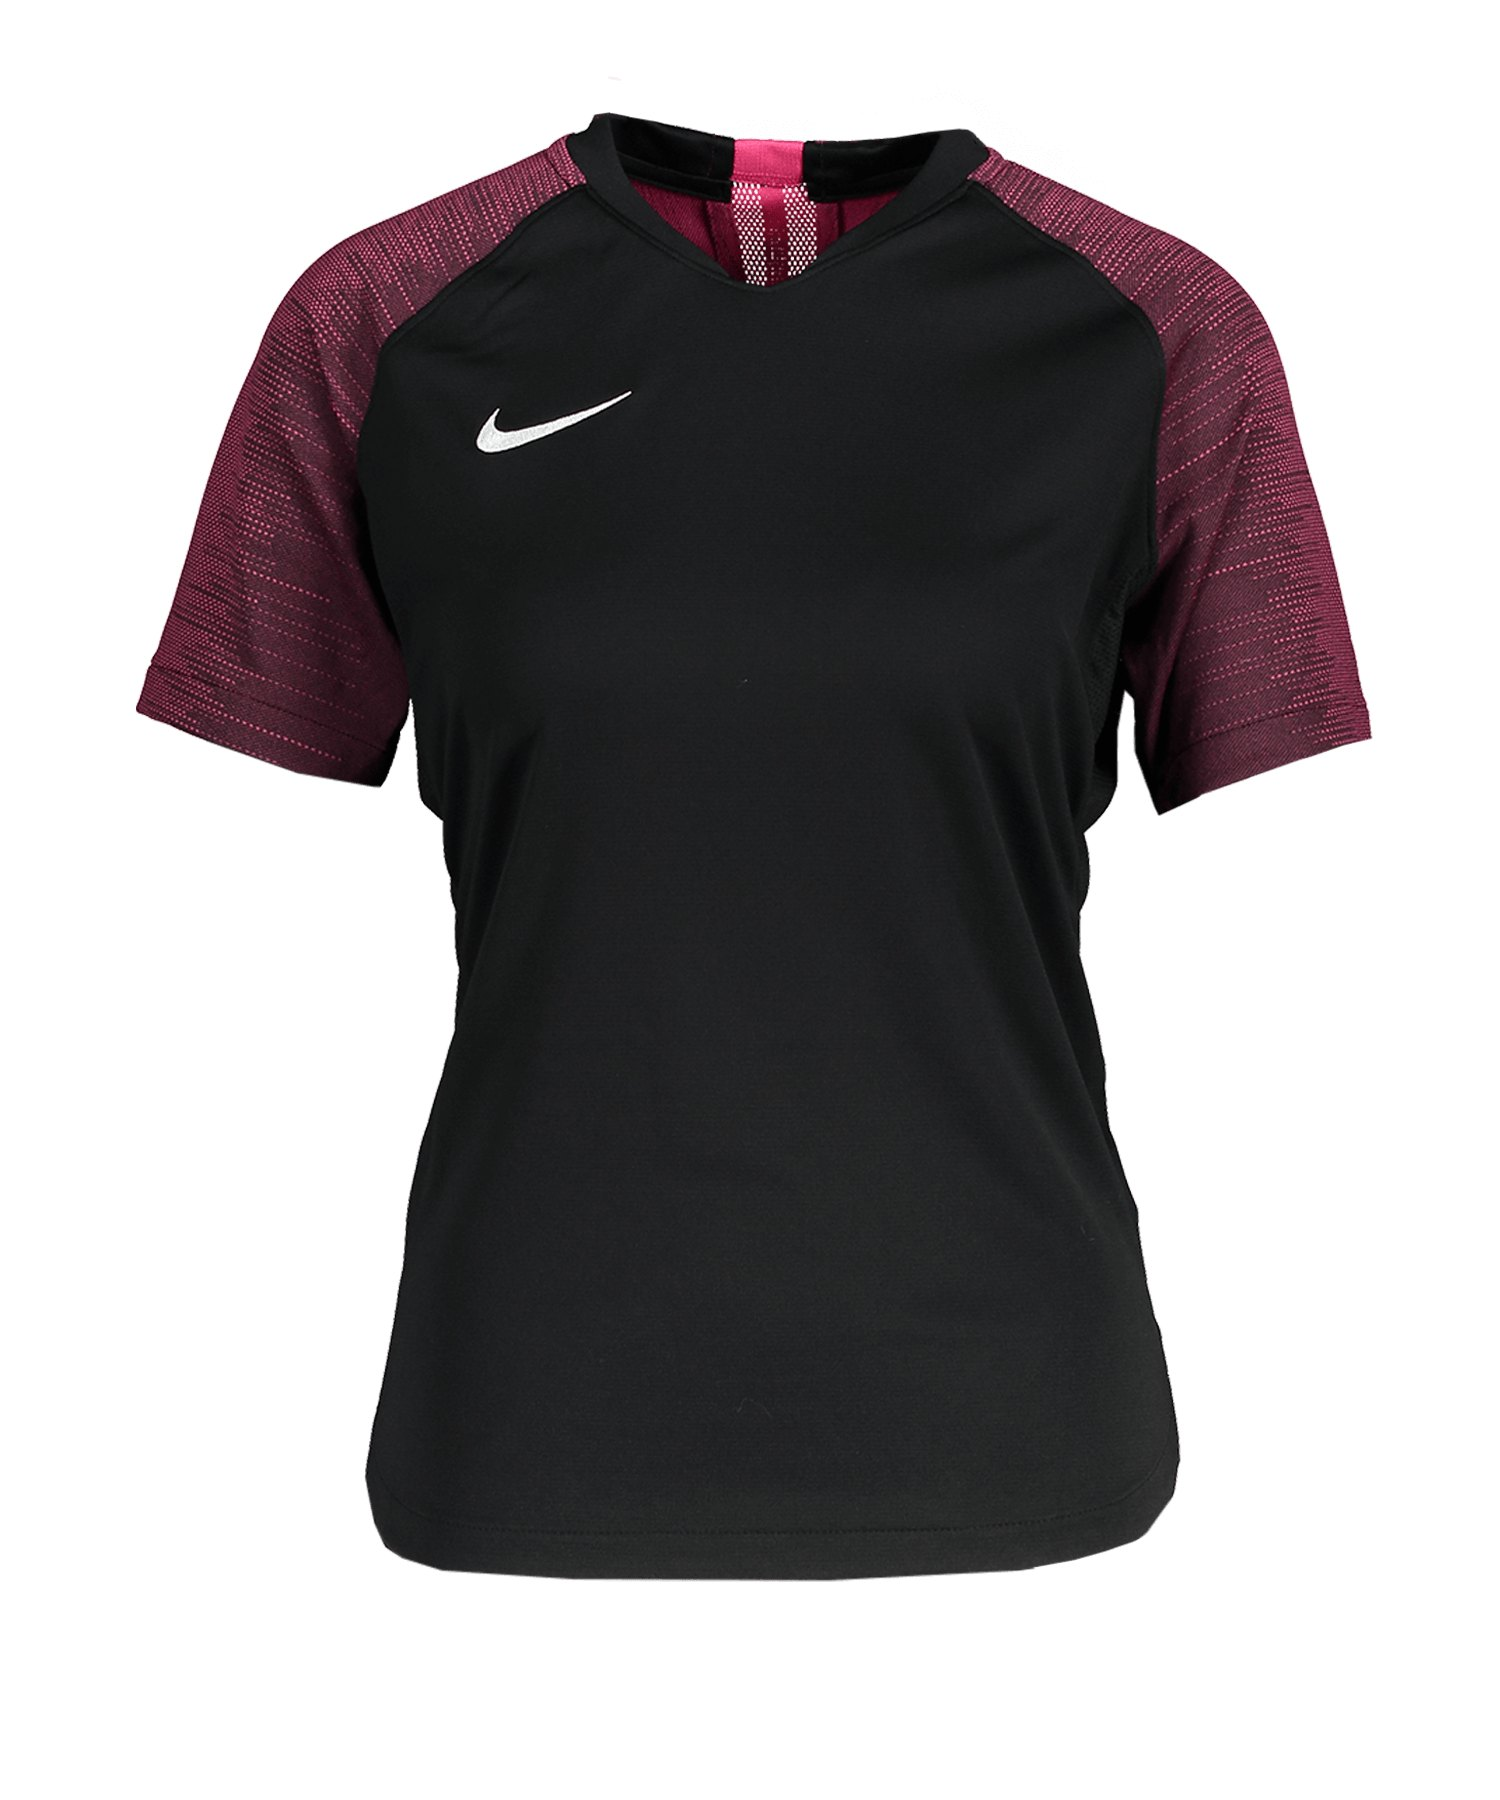 Nike Strike Trikot kurzarm Damen Schwarz F011 - schwarz